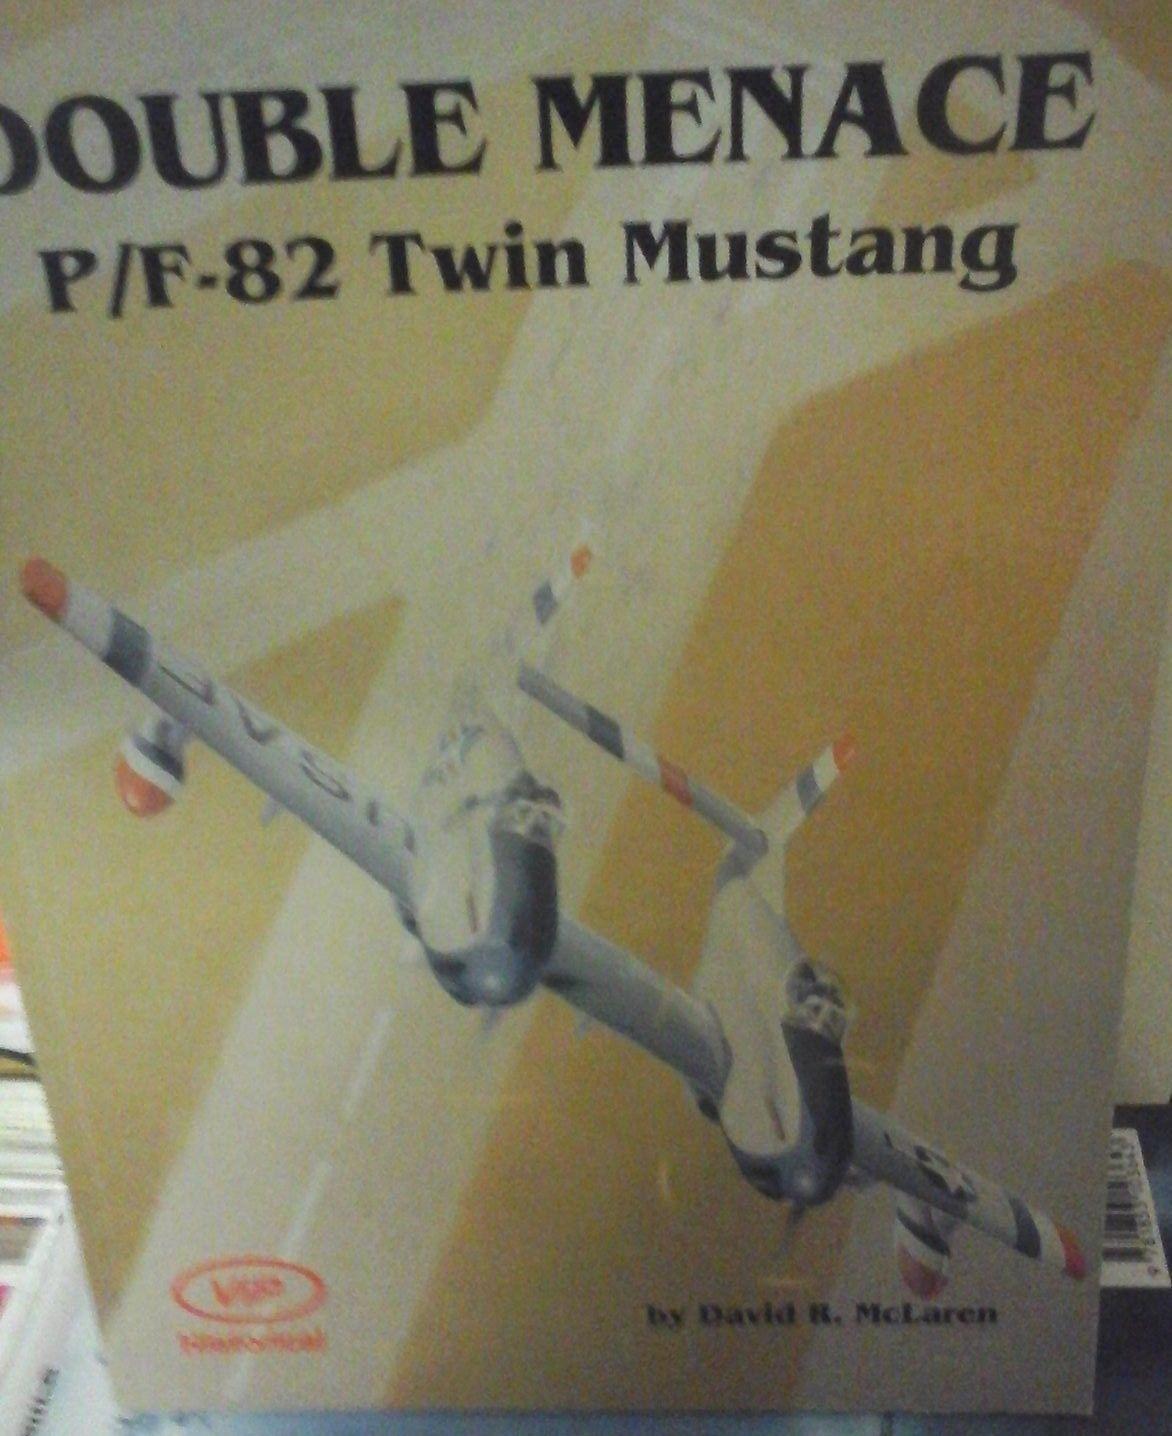 DOUBLE MENACE P F-82 TWIN MUSTANG BY DAVID MC LAREN